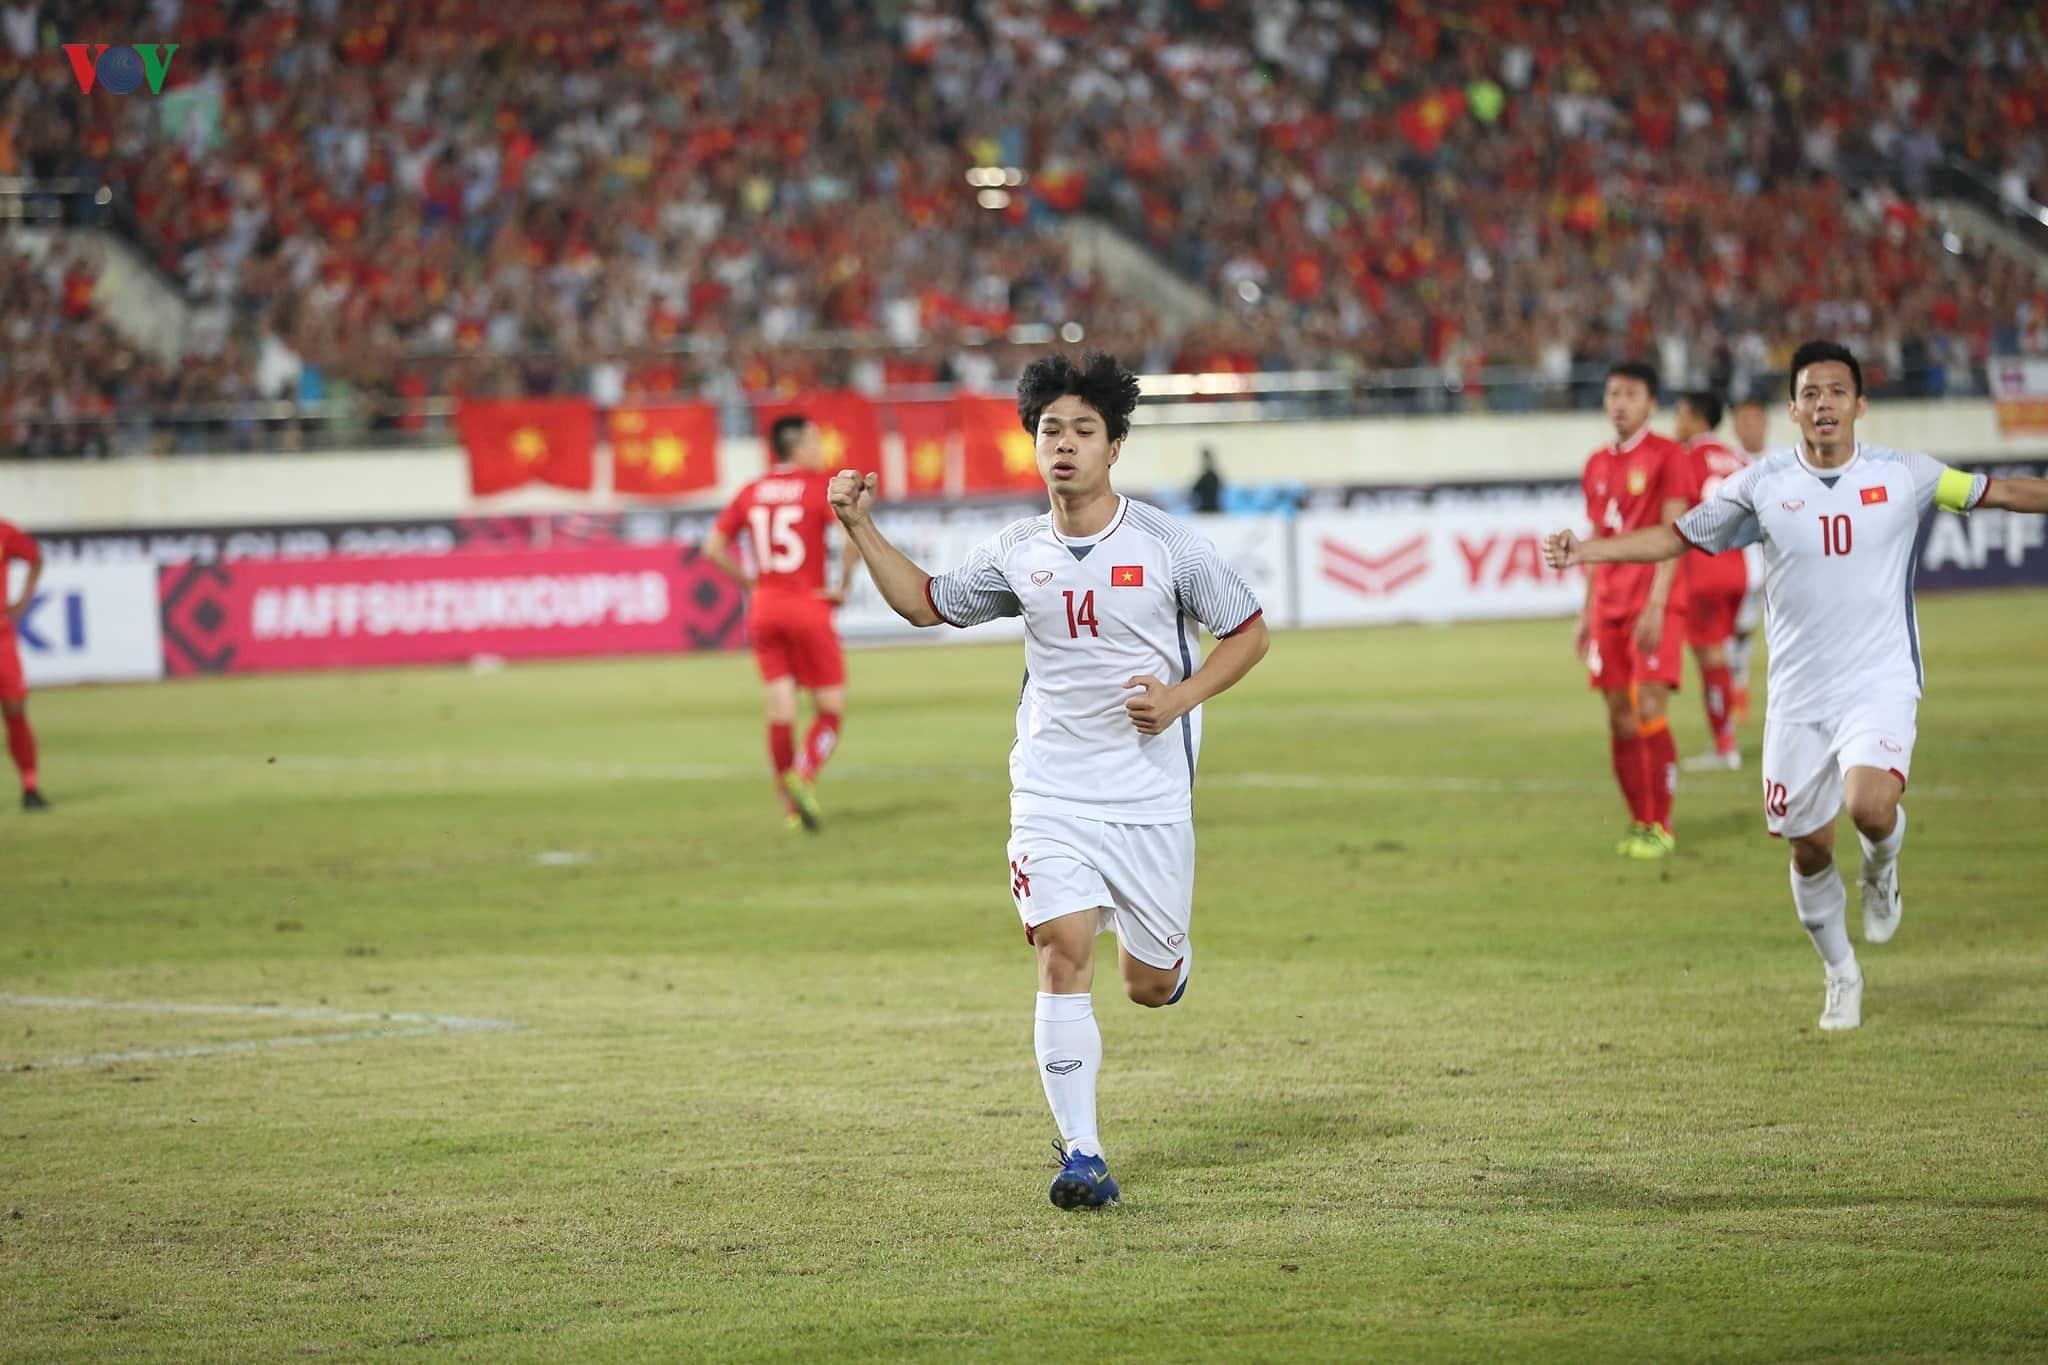 AFF Cup 2018: Việt Nam tạm dẫn đầu bảng A sau chiến thắng dễ dàng trước đội tuyển Lào